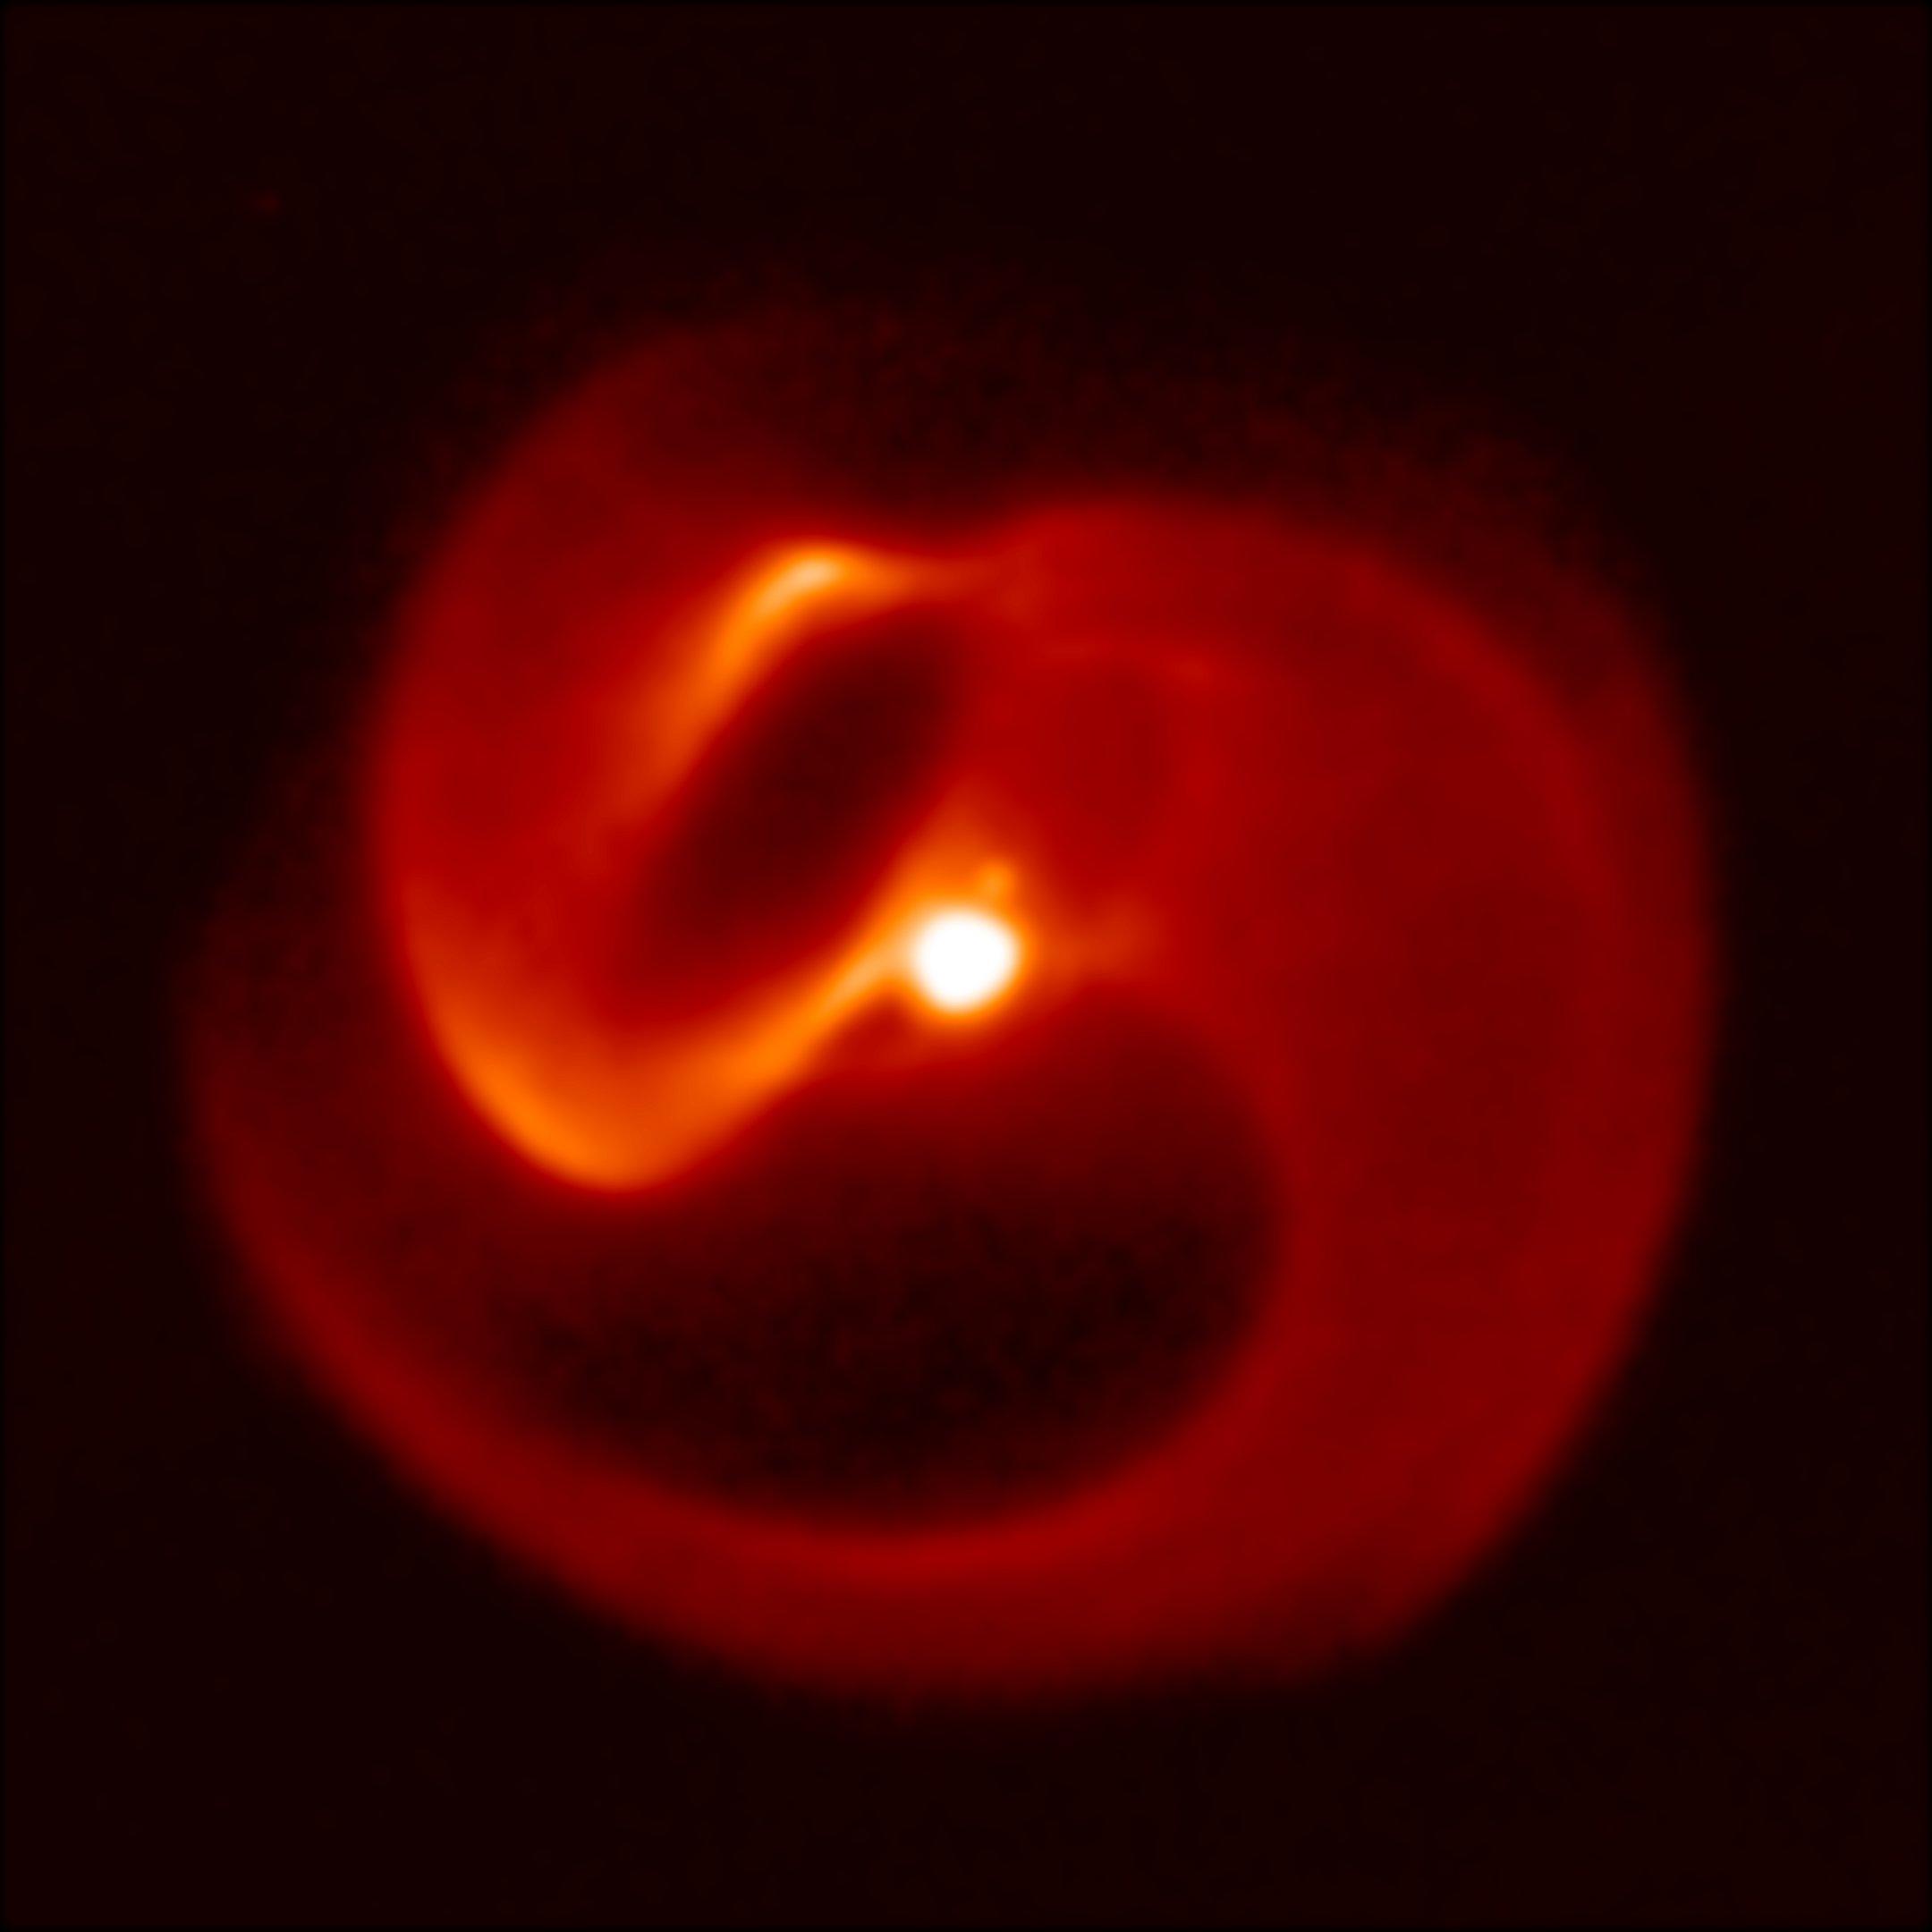 Systém Apop na snímku zařízení VISIR soustavy teleskopů VLT. Kredit: Peter Tuthill/University of Sydney/ESO.